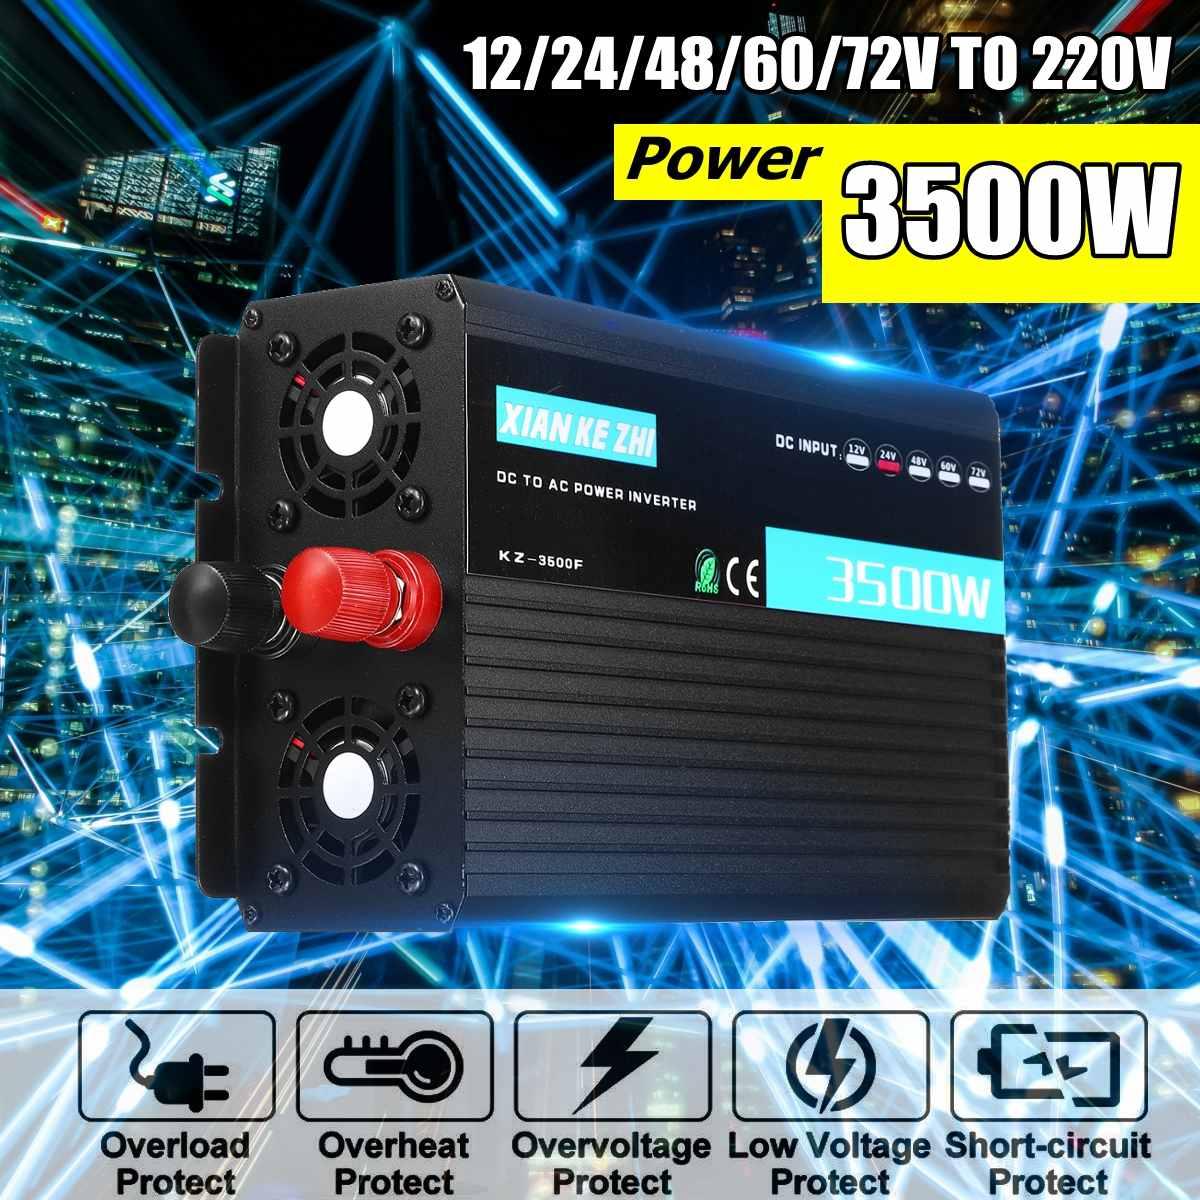 Convertisseur à onde sinusoïdale modifiée 3500 W affichage Intelligent onduleur à usage domestique DC 12/24/48/60/72 V à AC 220 V alimentation de protection Multiple